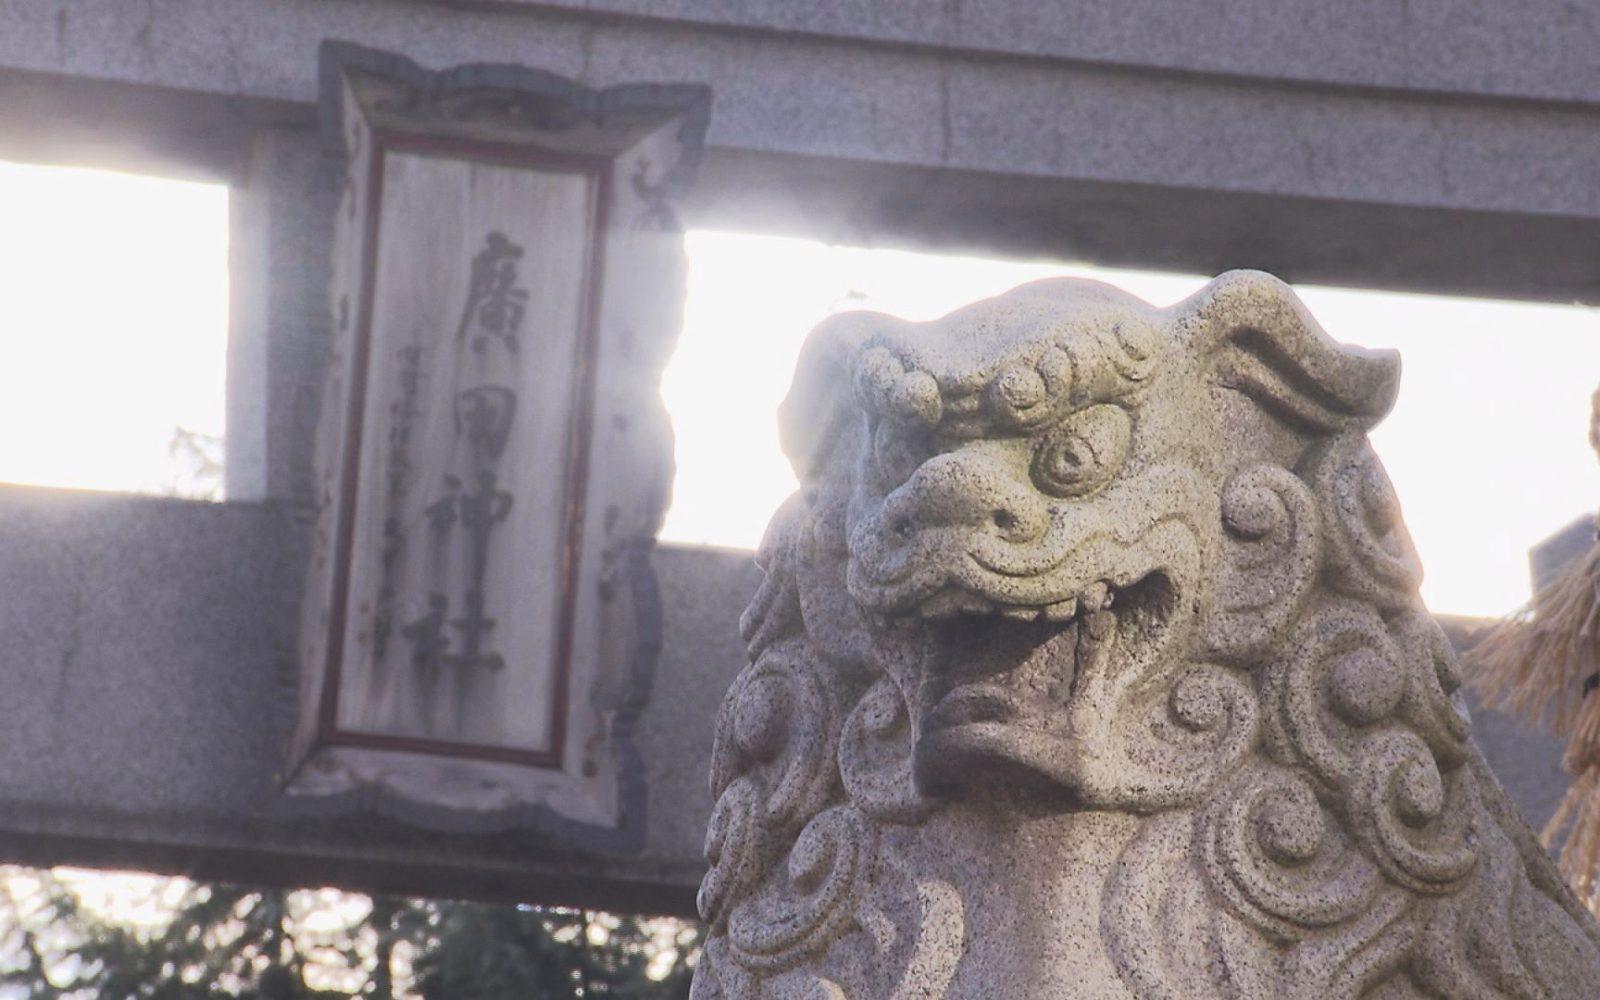 ご当地の御朱印や可愛らしいおみくじも!病厄除守護の由緒ある神社